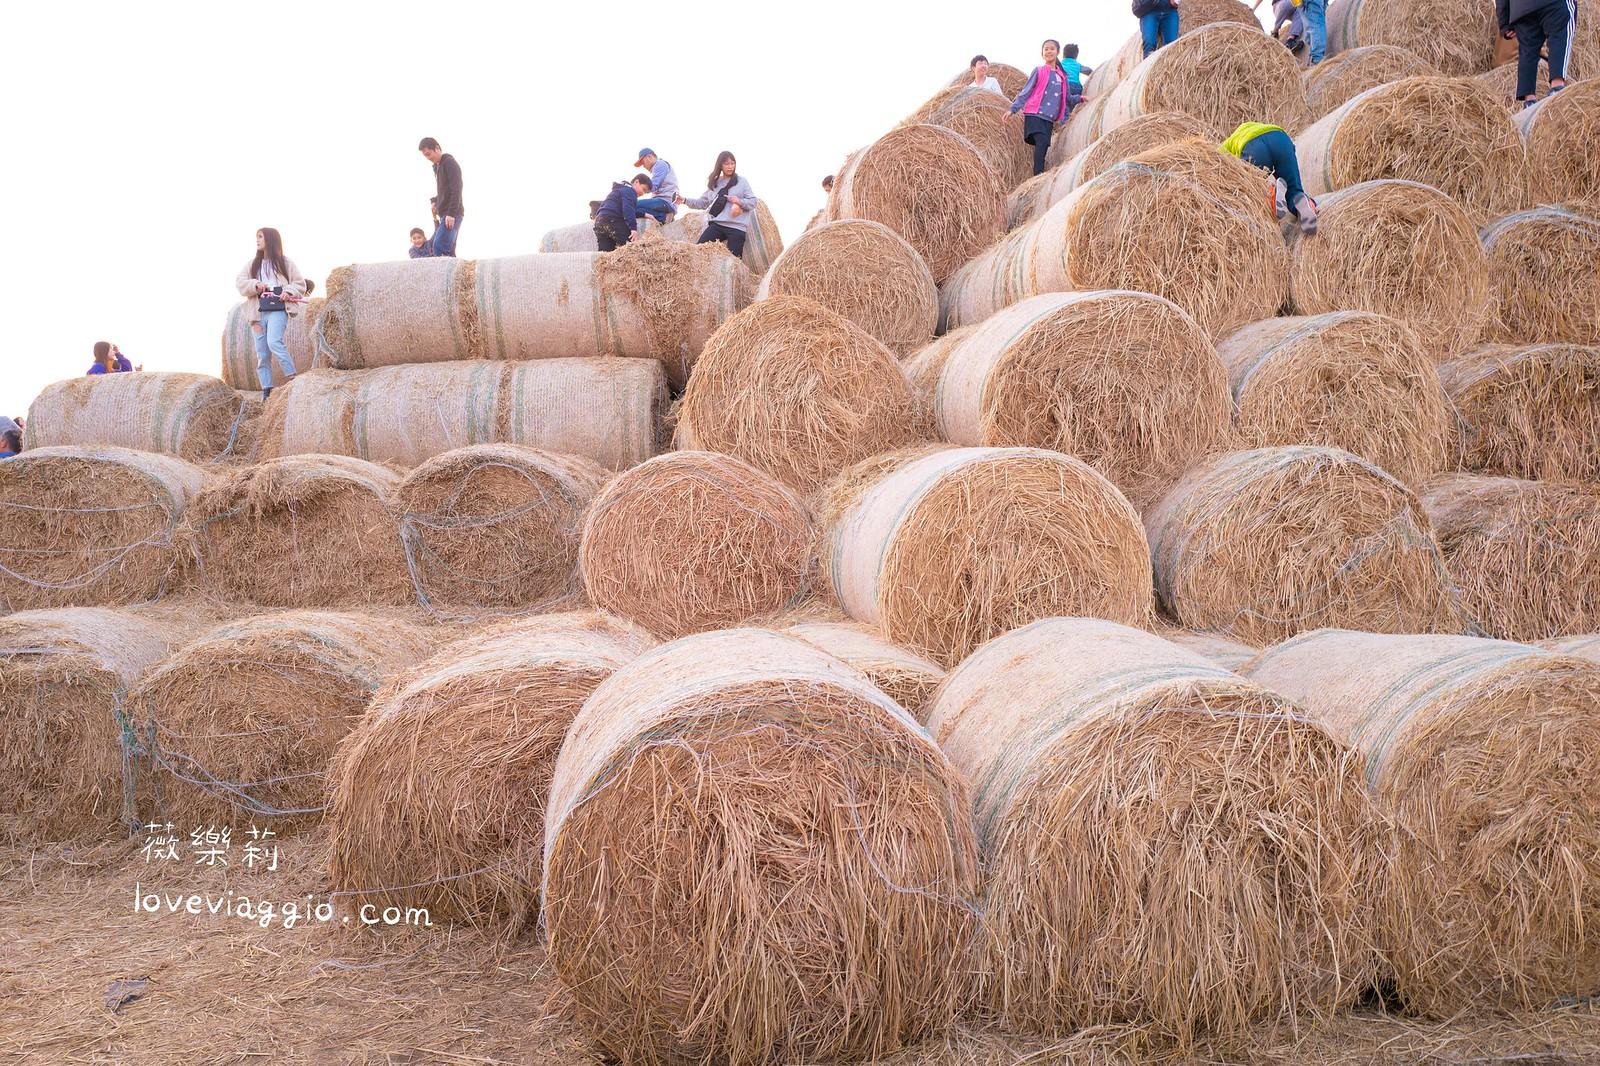 【雲林 Yunlin】虎尾巨大稻草捲。大小朋友的遊樂場 @薇樂莉 Love Viaggio | 旅行.生活.攝影